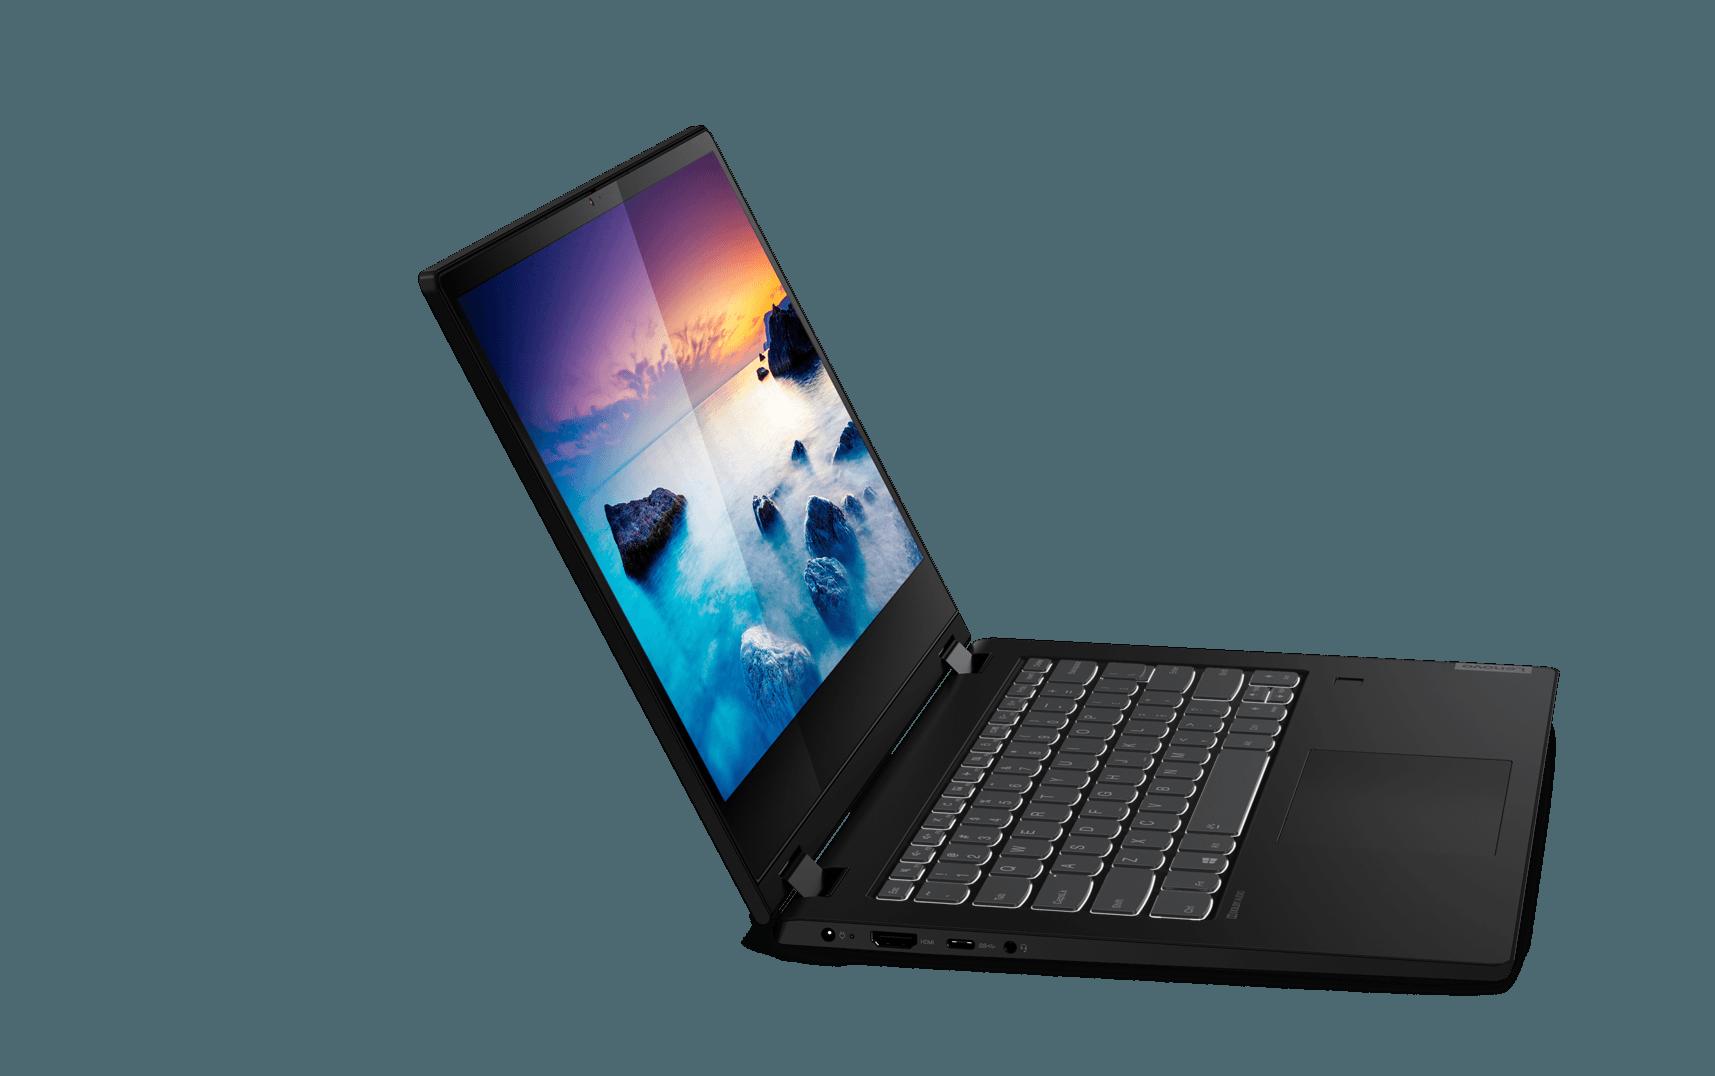 Laptopy, komputer AIO i słuchawki z aktywną redukcja hałasu - to nowe produkty Lenovo, wprost z MWC 2019